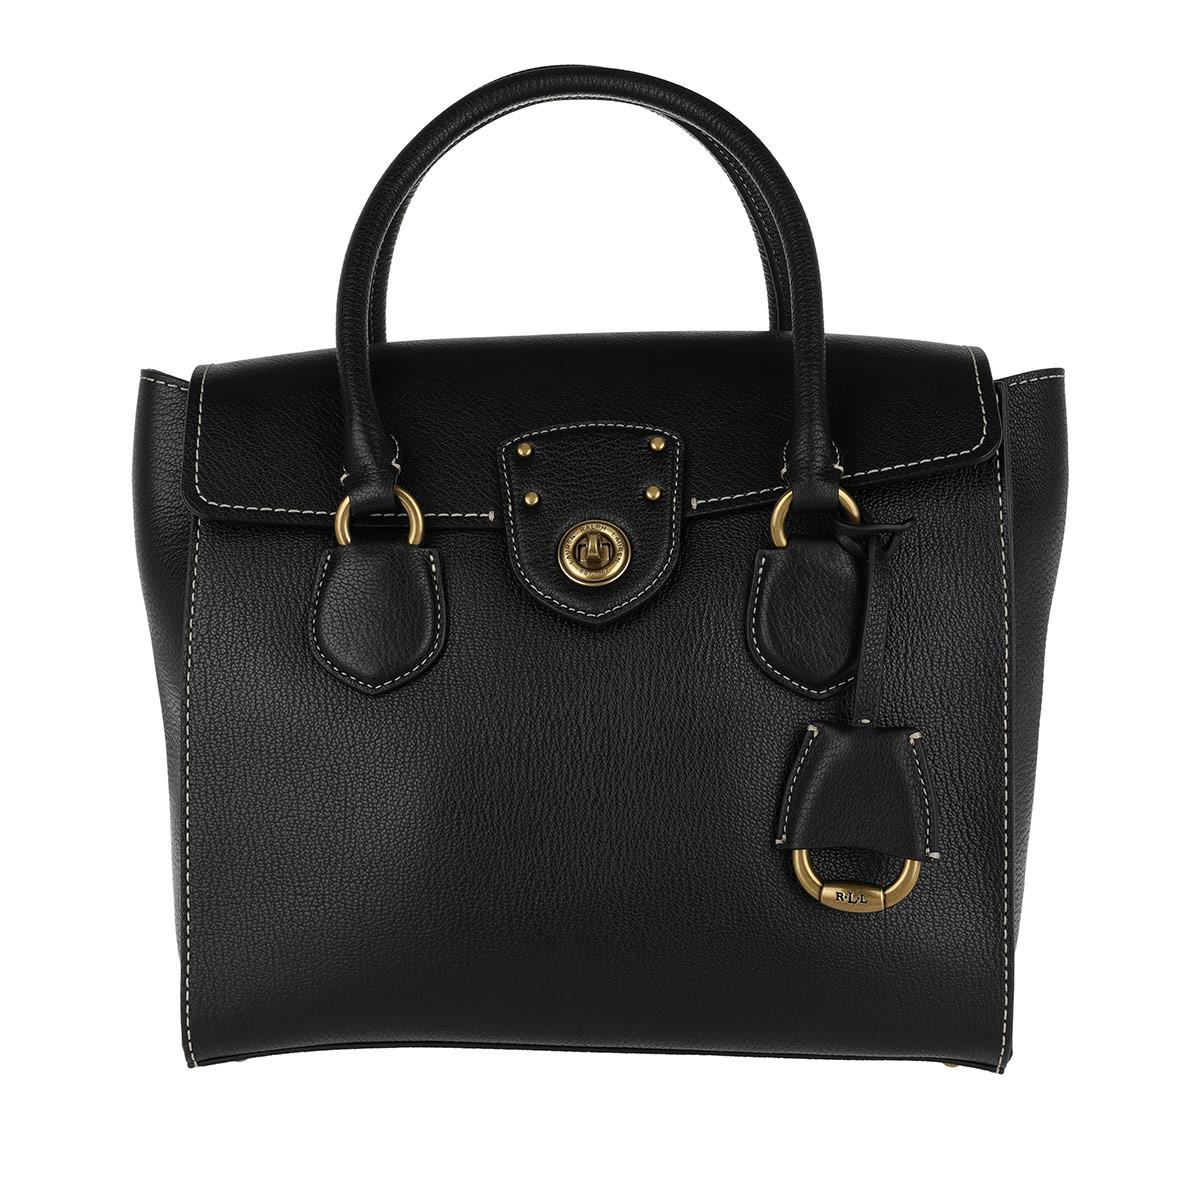 Lauren Ralph Lauren Tassen met handvat - Millbrook Satchel Bag Pebbled Leather 2 Black in zwart voor dames Outlet Amazon verkoopprijzen Cost Goedkope Online tPDCfN